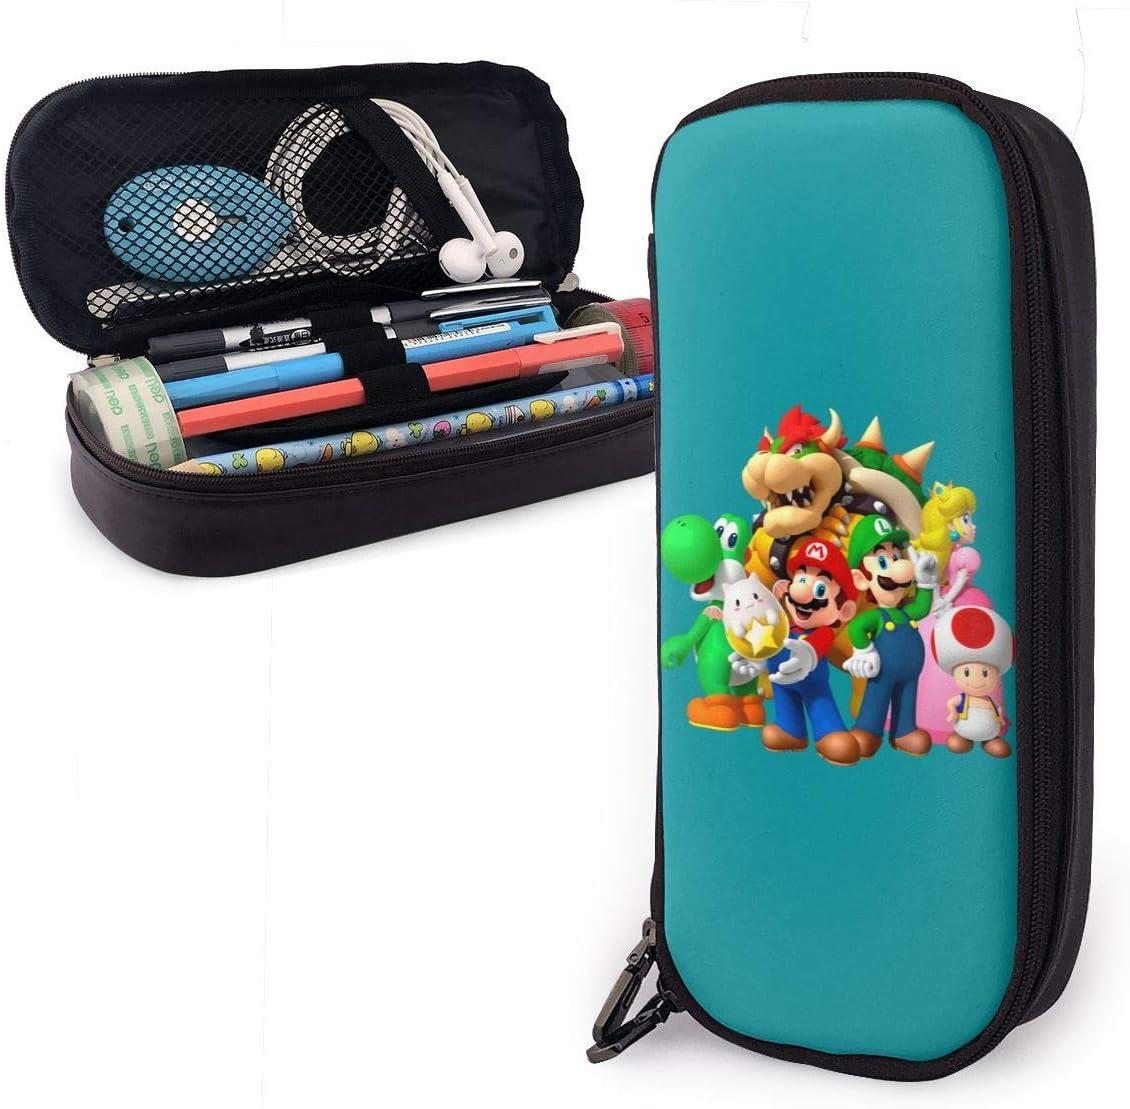 Estuche para lápices Super Mar-io Bros. - Estuche de cuero de PU de alta capacidad con doble cremallera, organizador de escritorio, bolsa de maquillaje cosmético multifunción: Amazon.es: Oficina y papelería